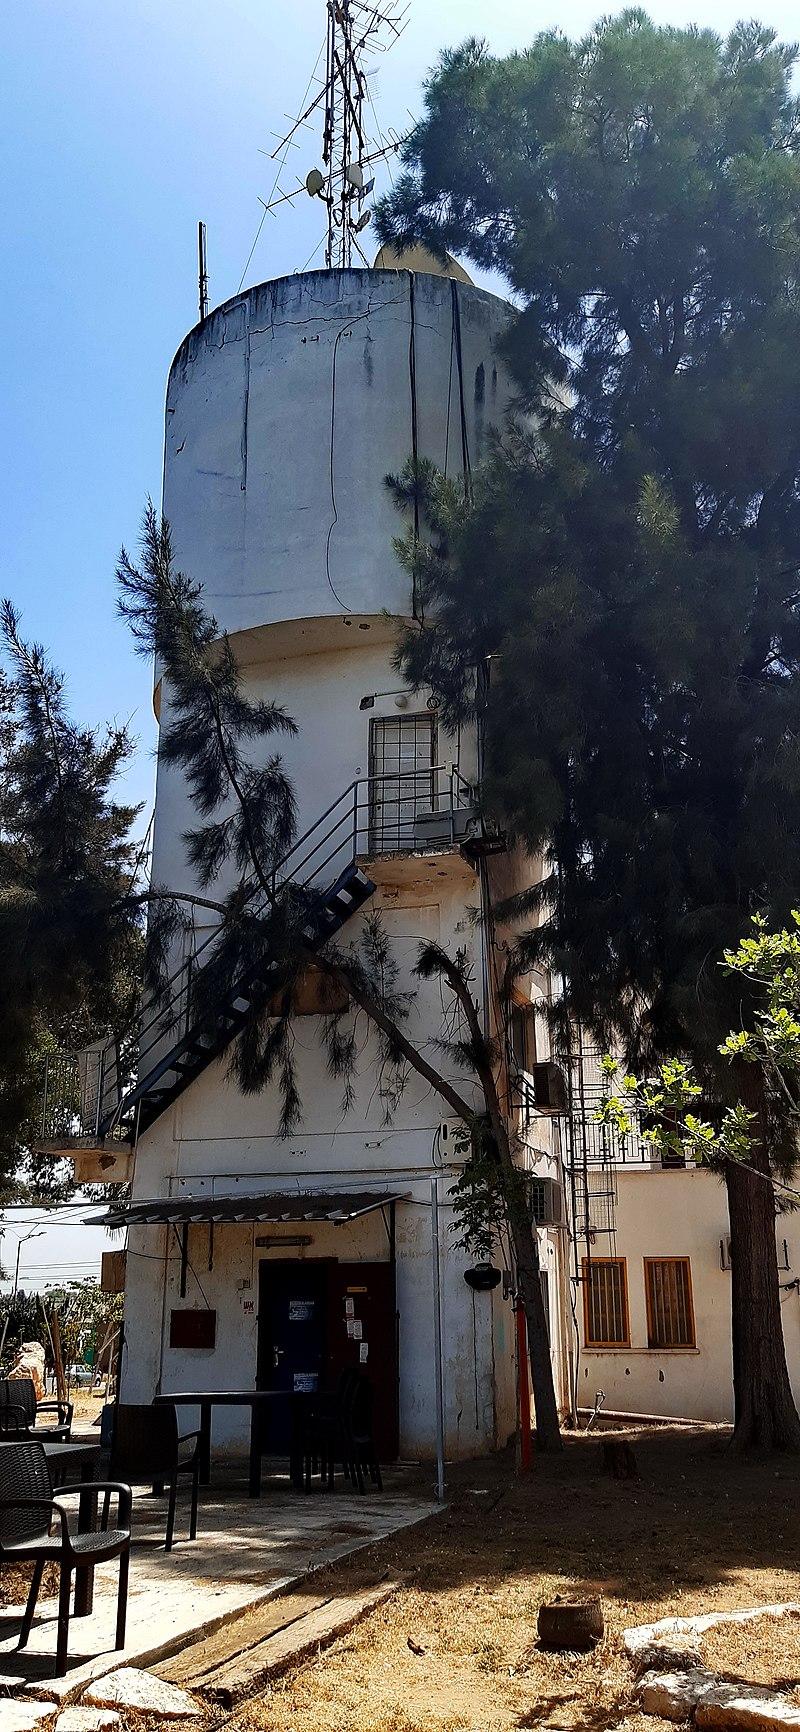 מגדל המים מושב נורדיה